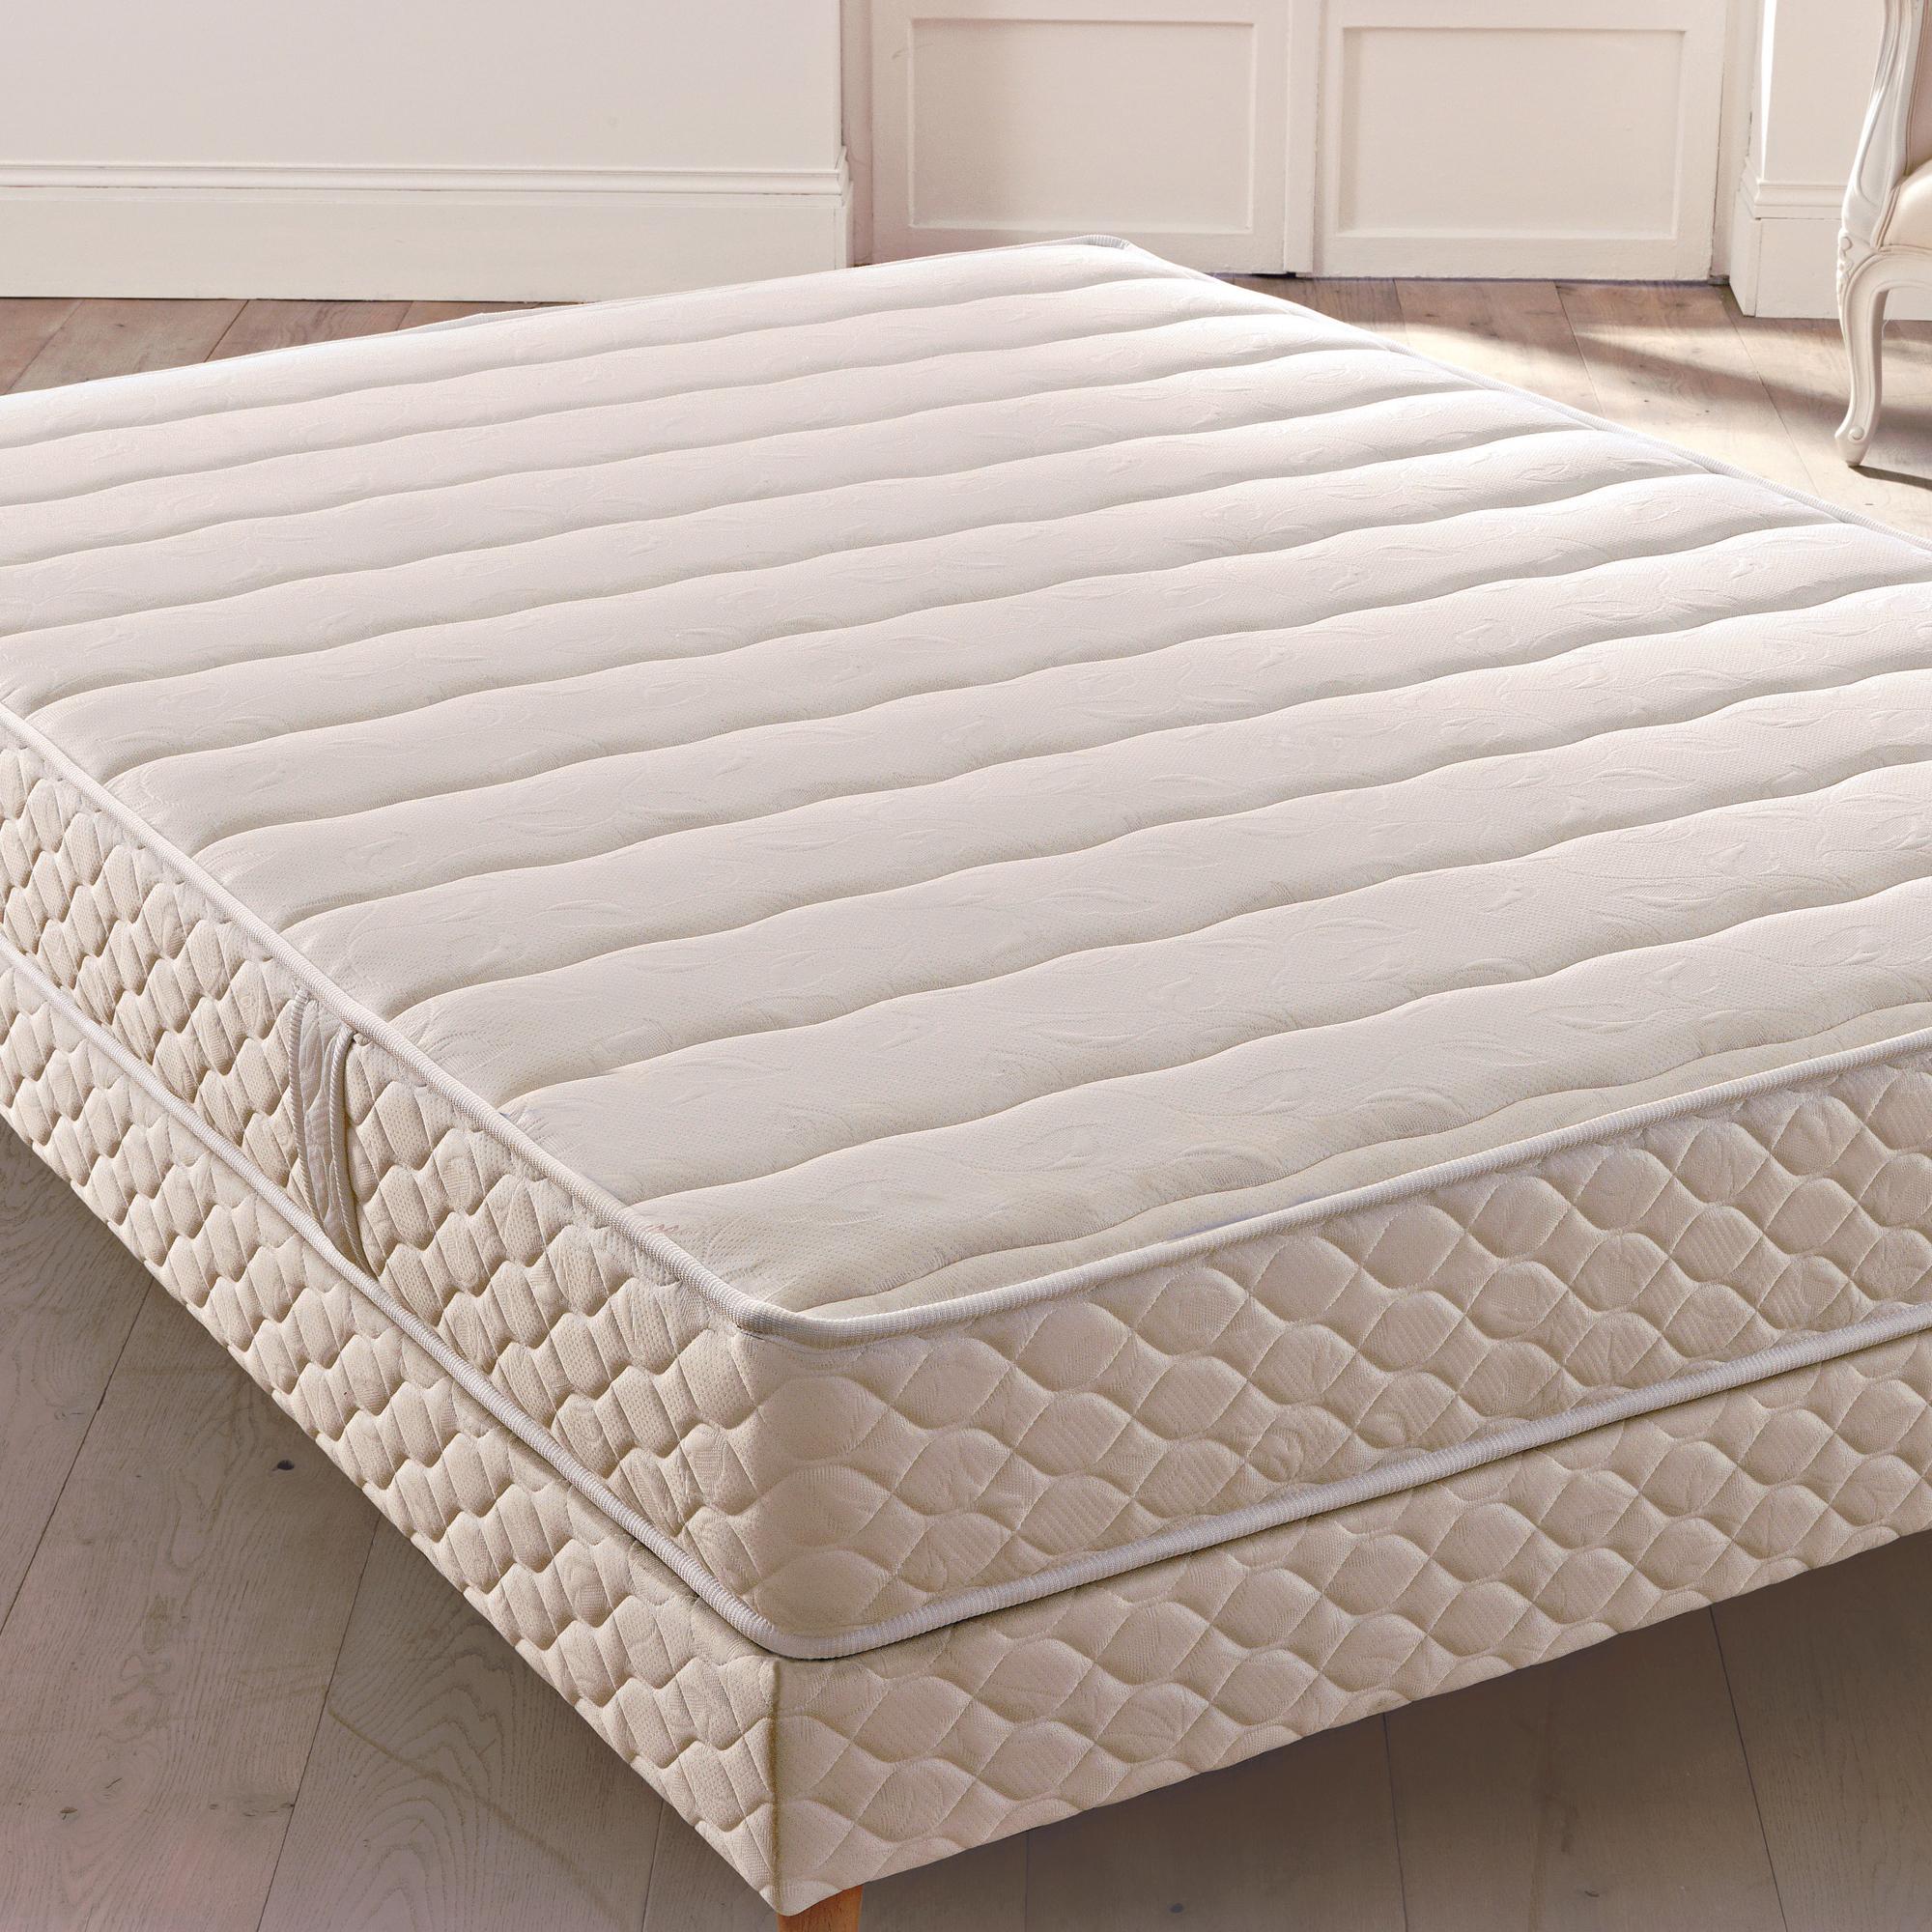 matelas grand confort maison design. Black Bedroom Furniture Sets. Home Design Ideas